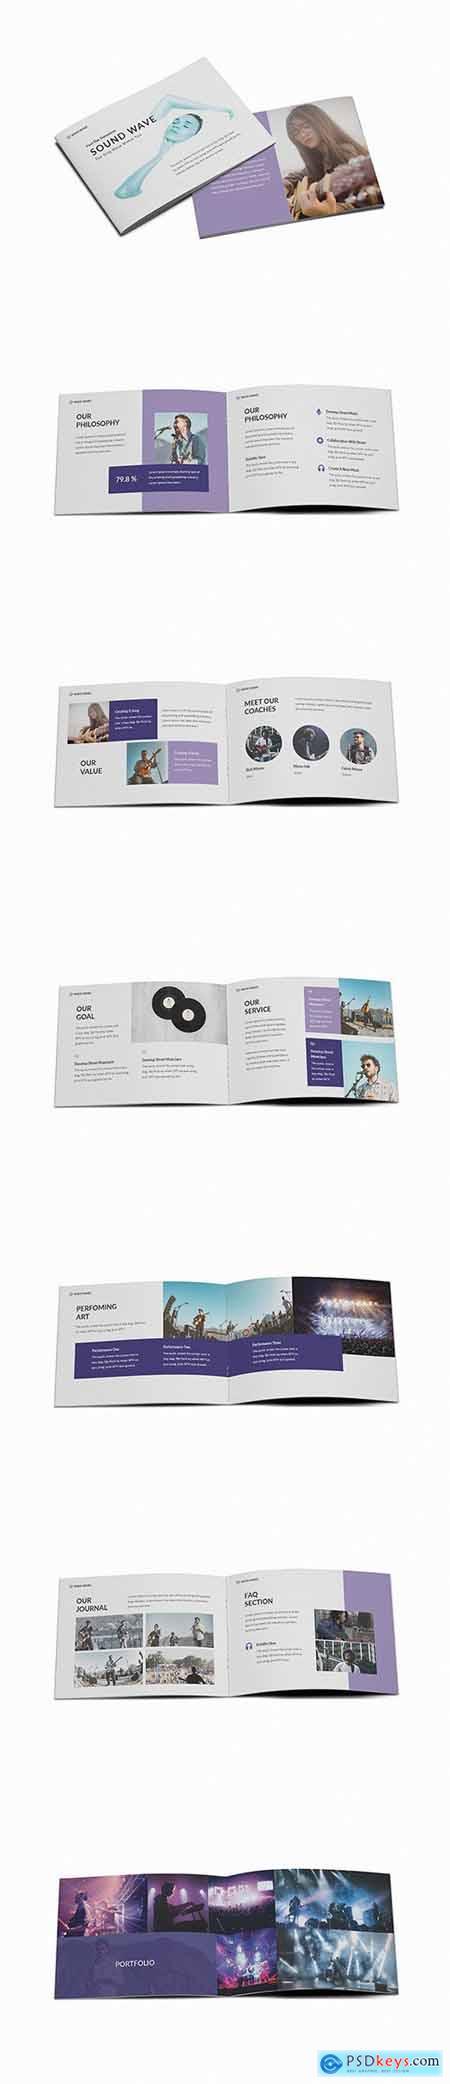 Music A5 Brochure Template